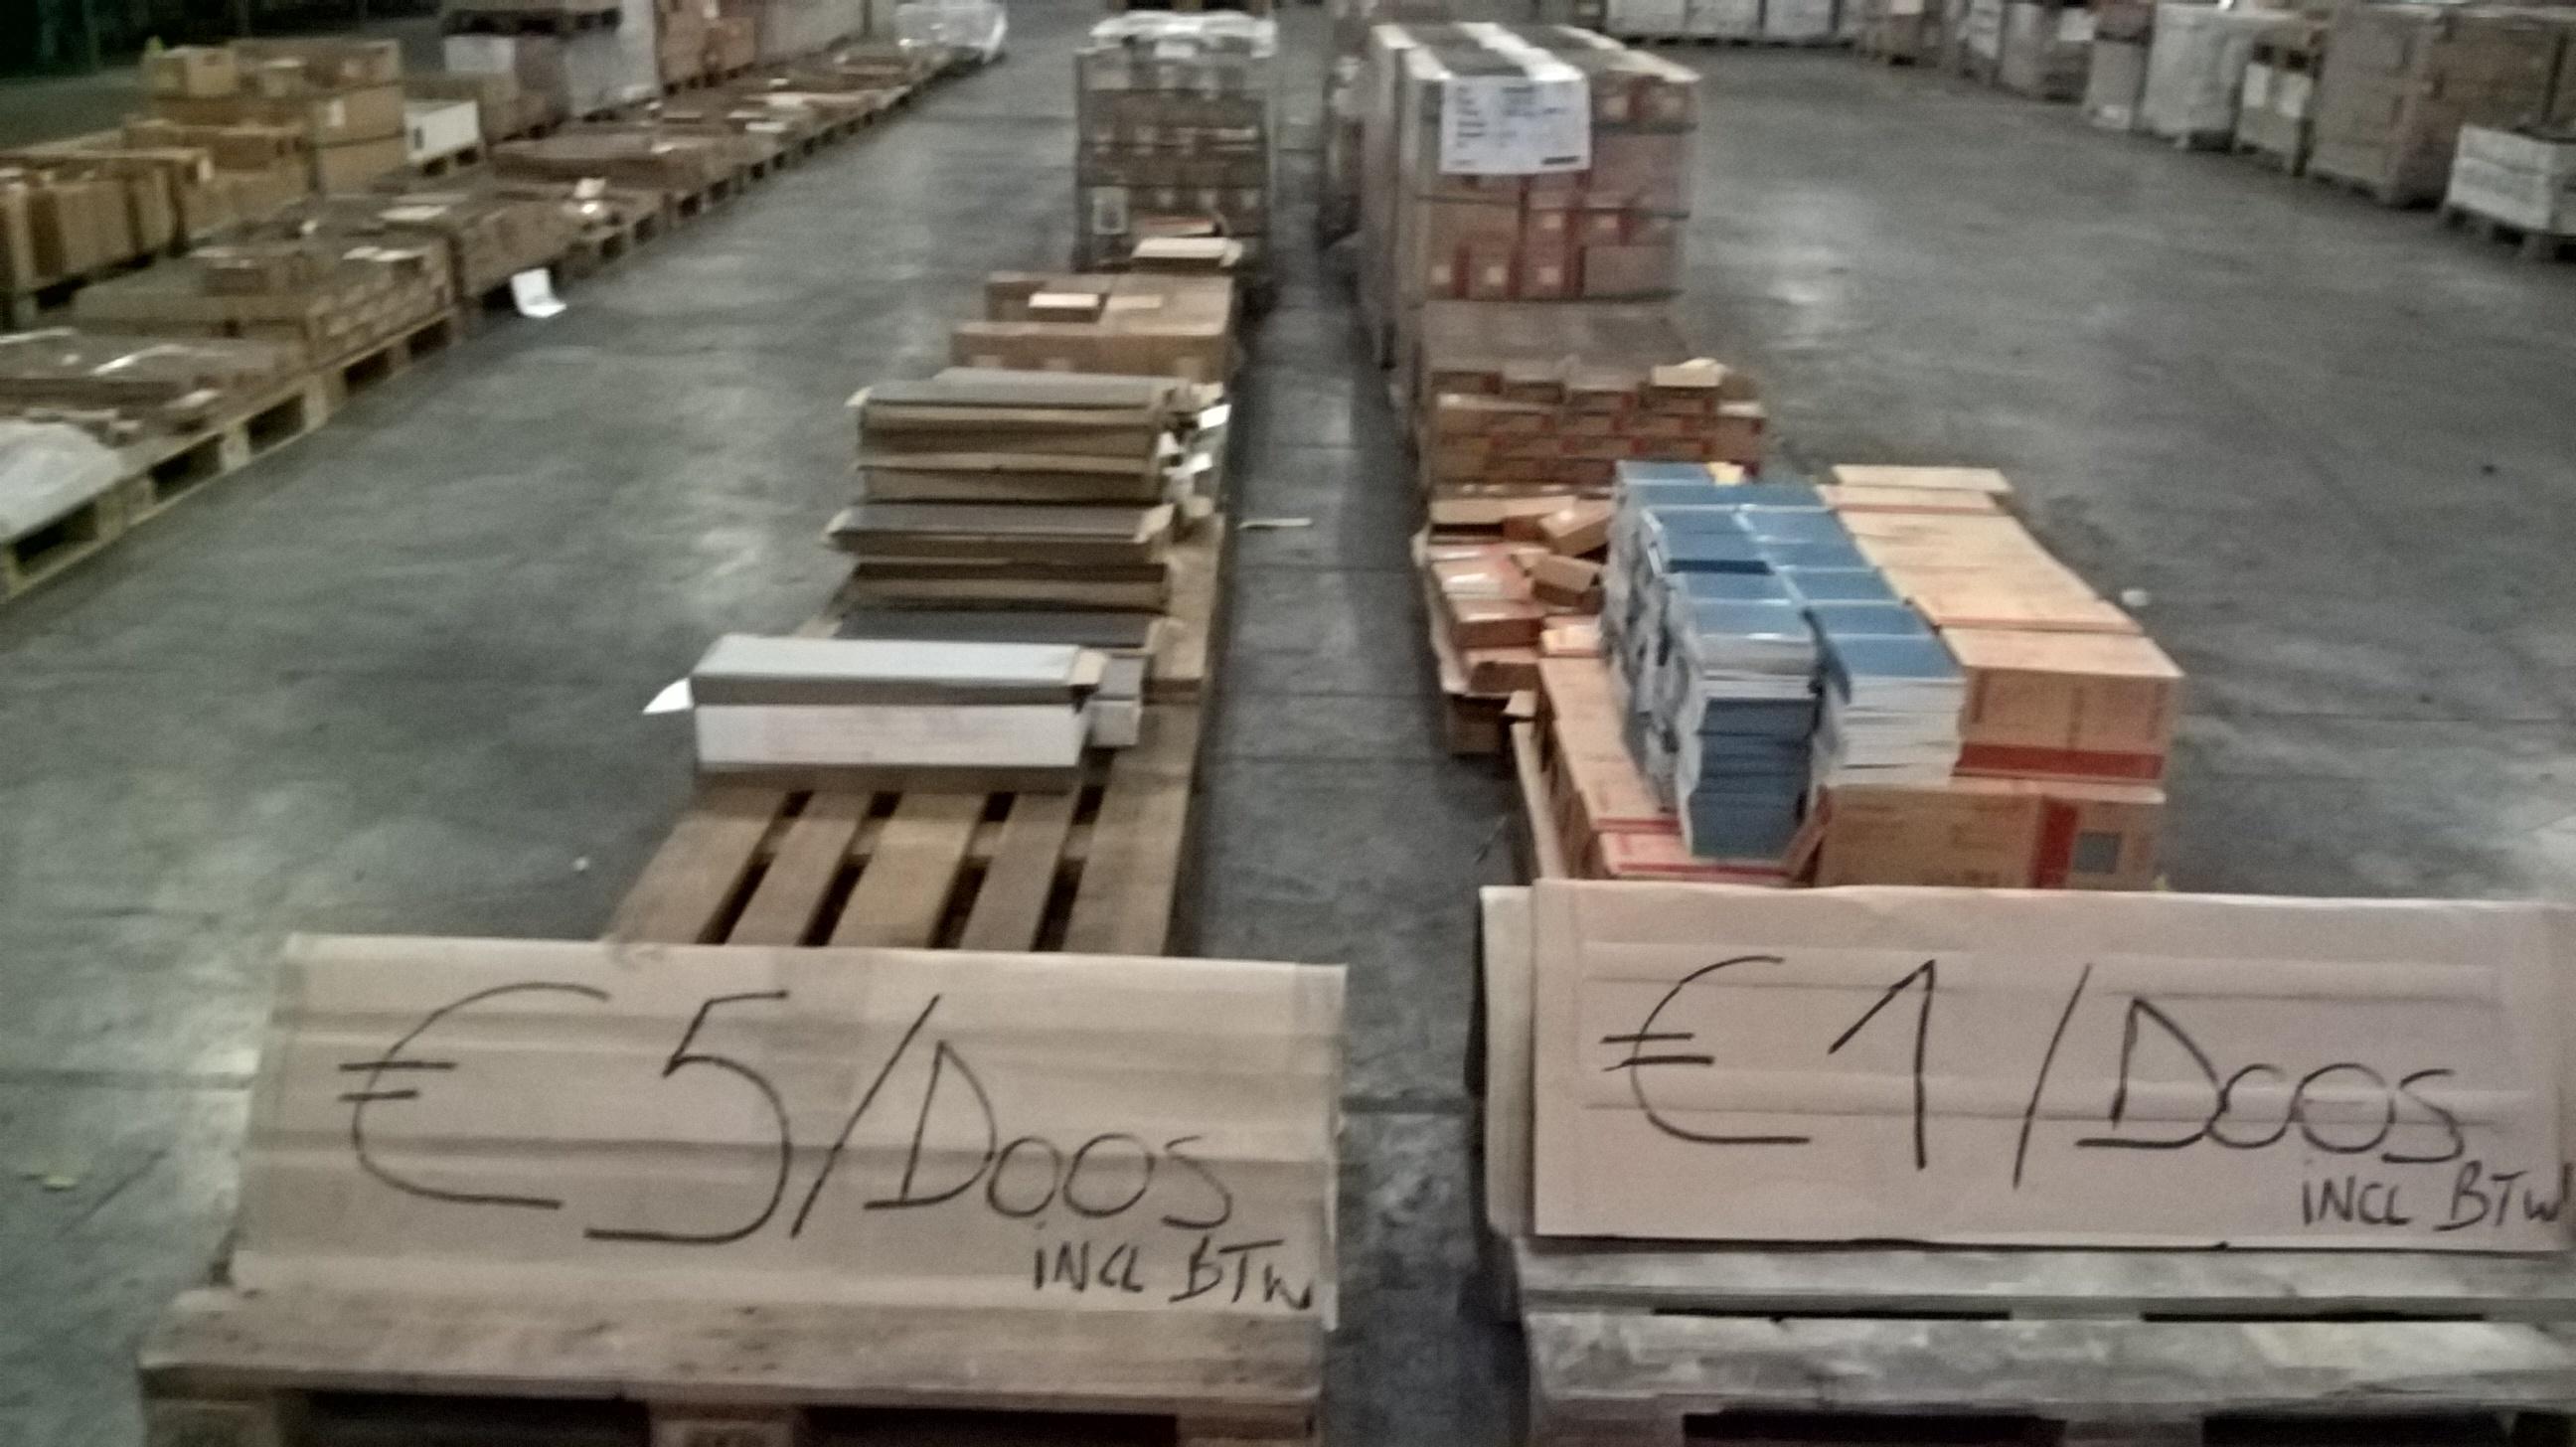 STOCK VERKOOP WANDTEGELS  - prijzen vanaf €1/m²